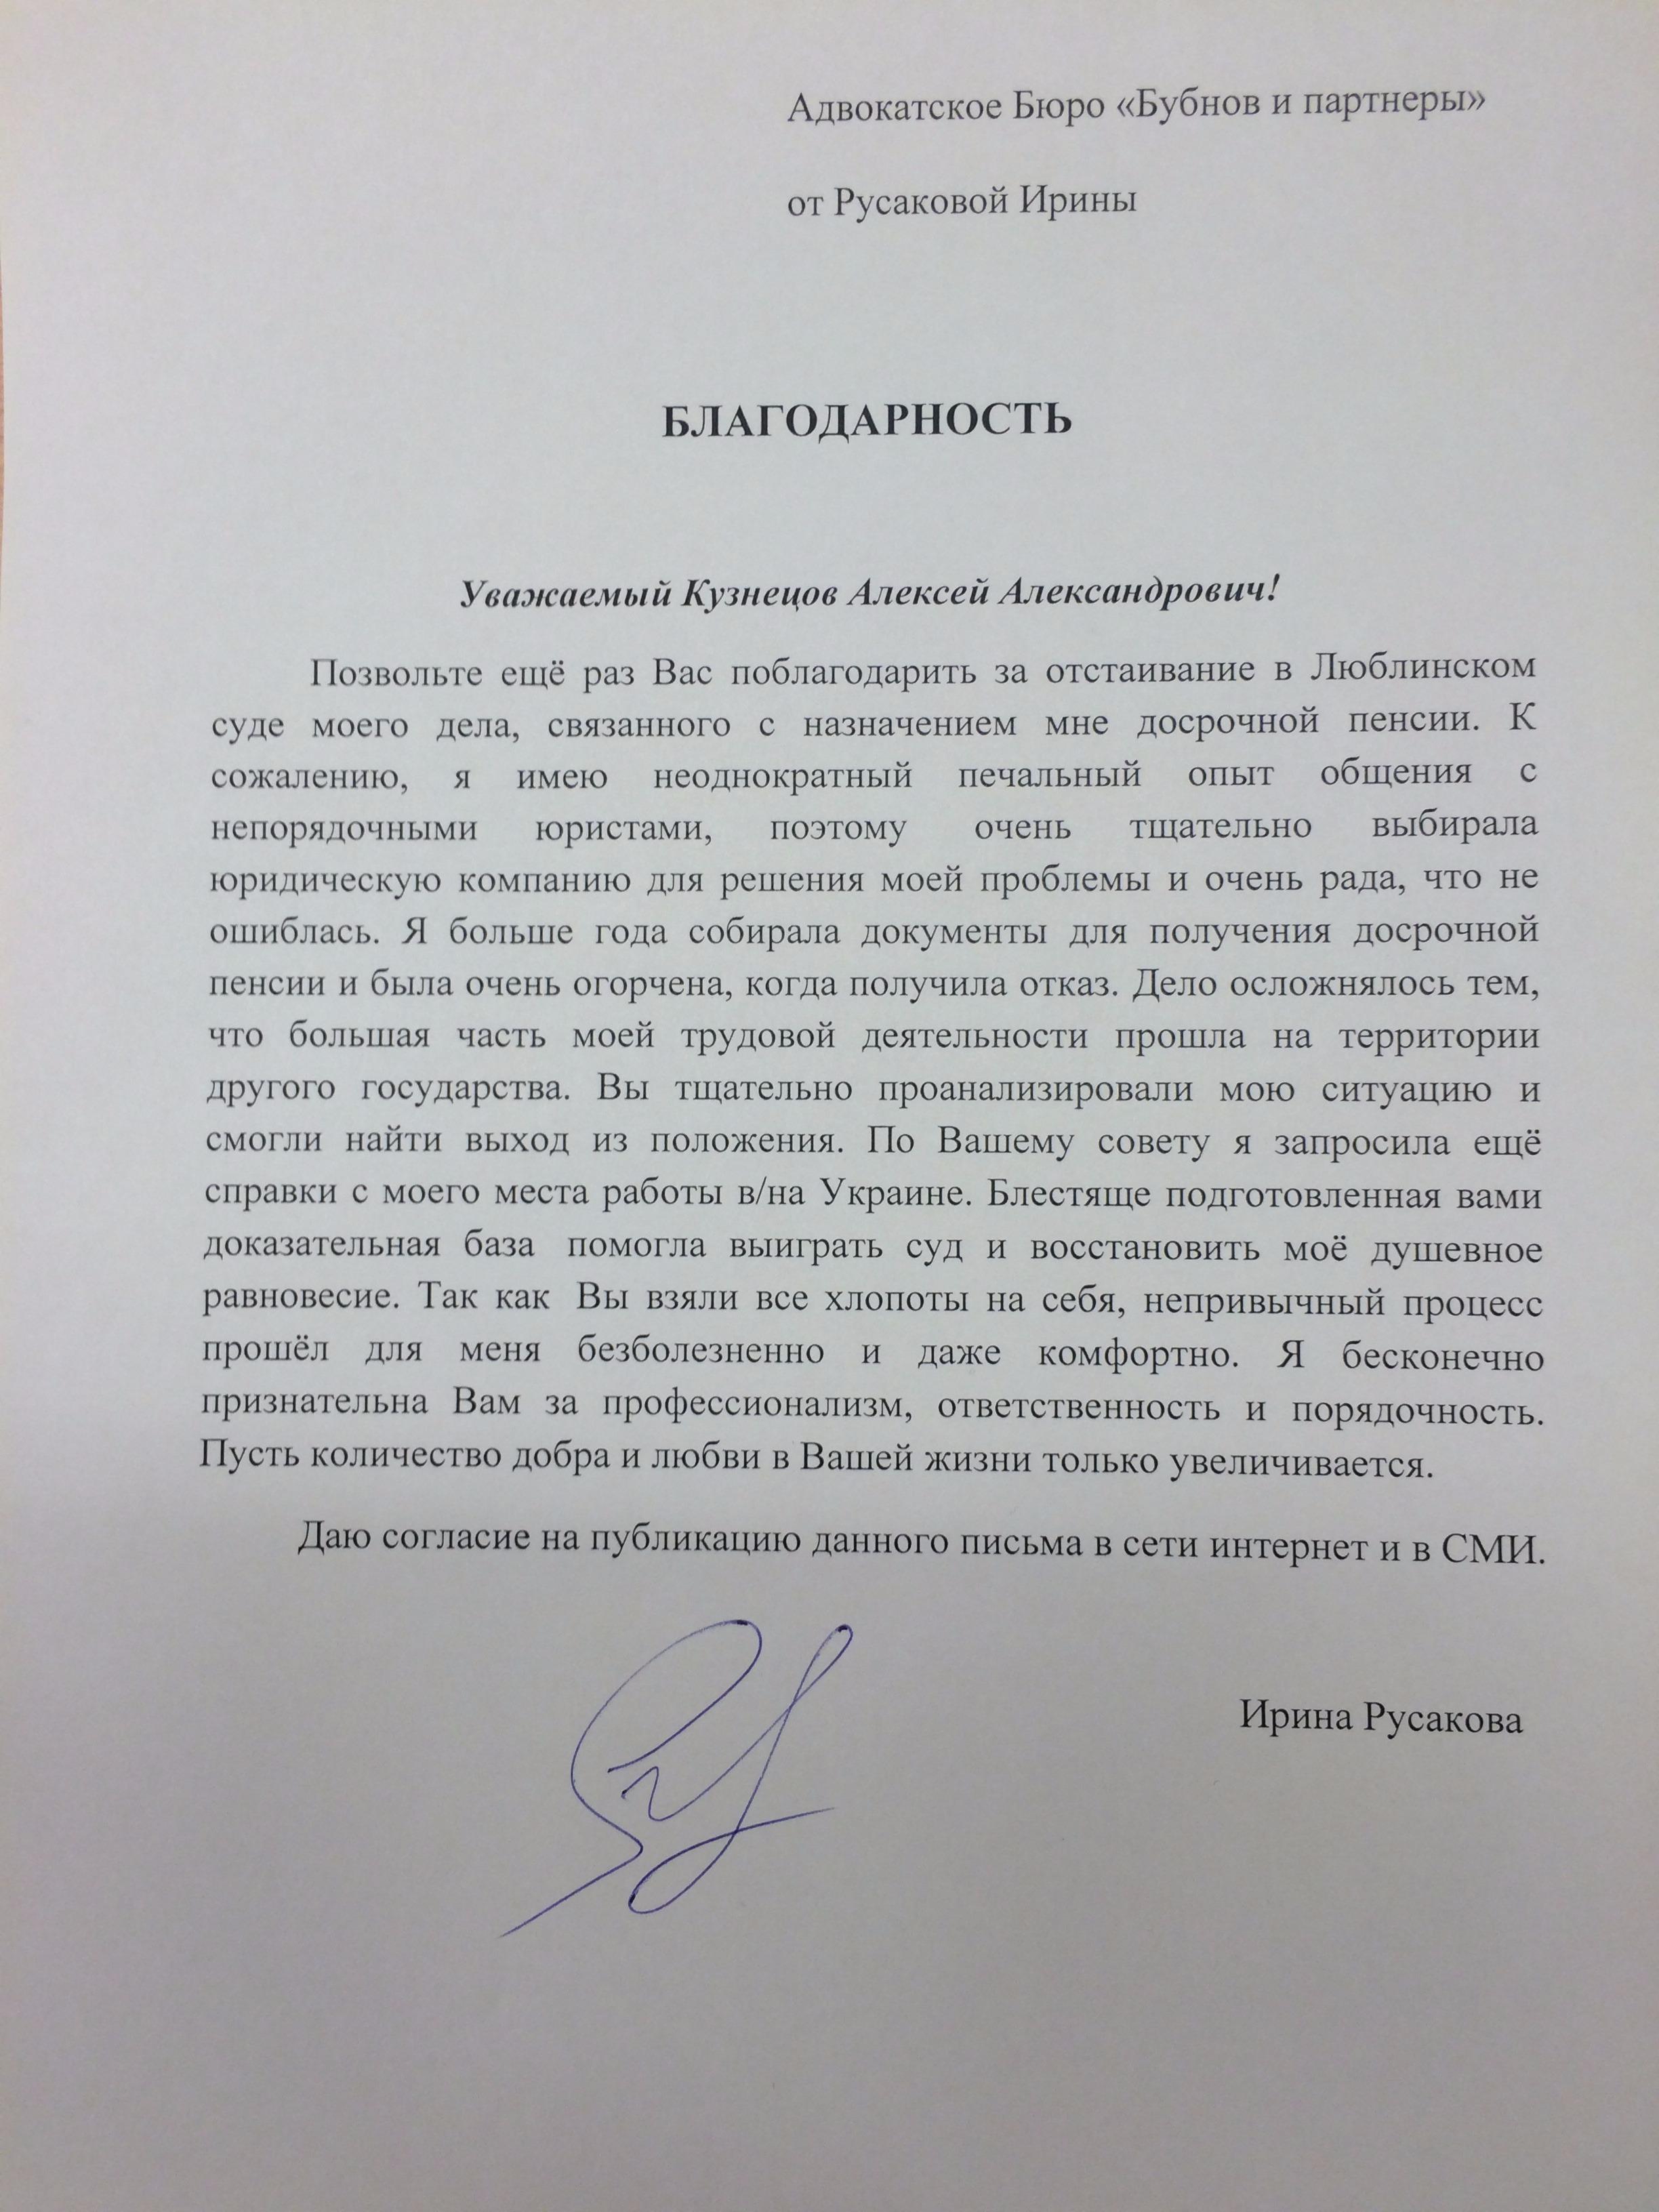 Благодарность от Русаковой 26-02-2016